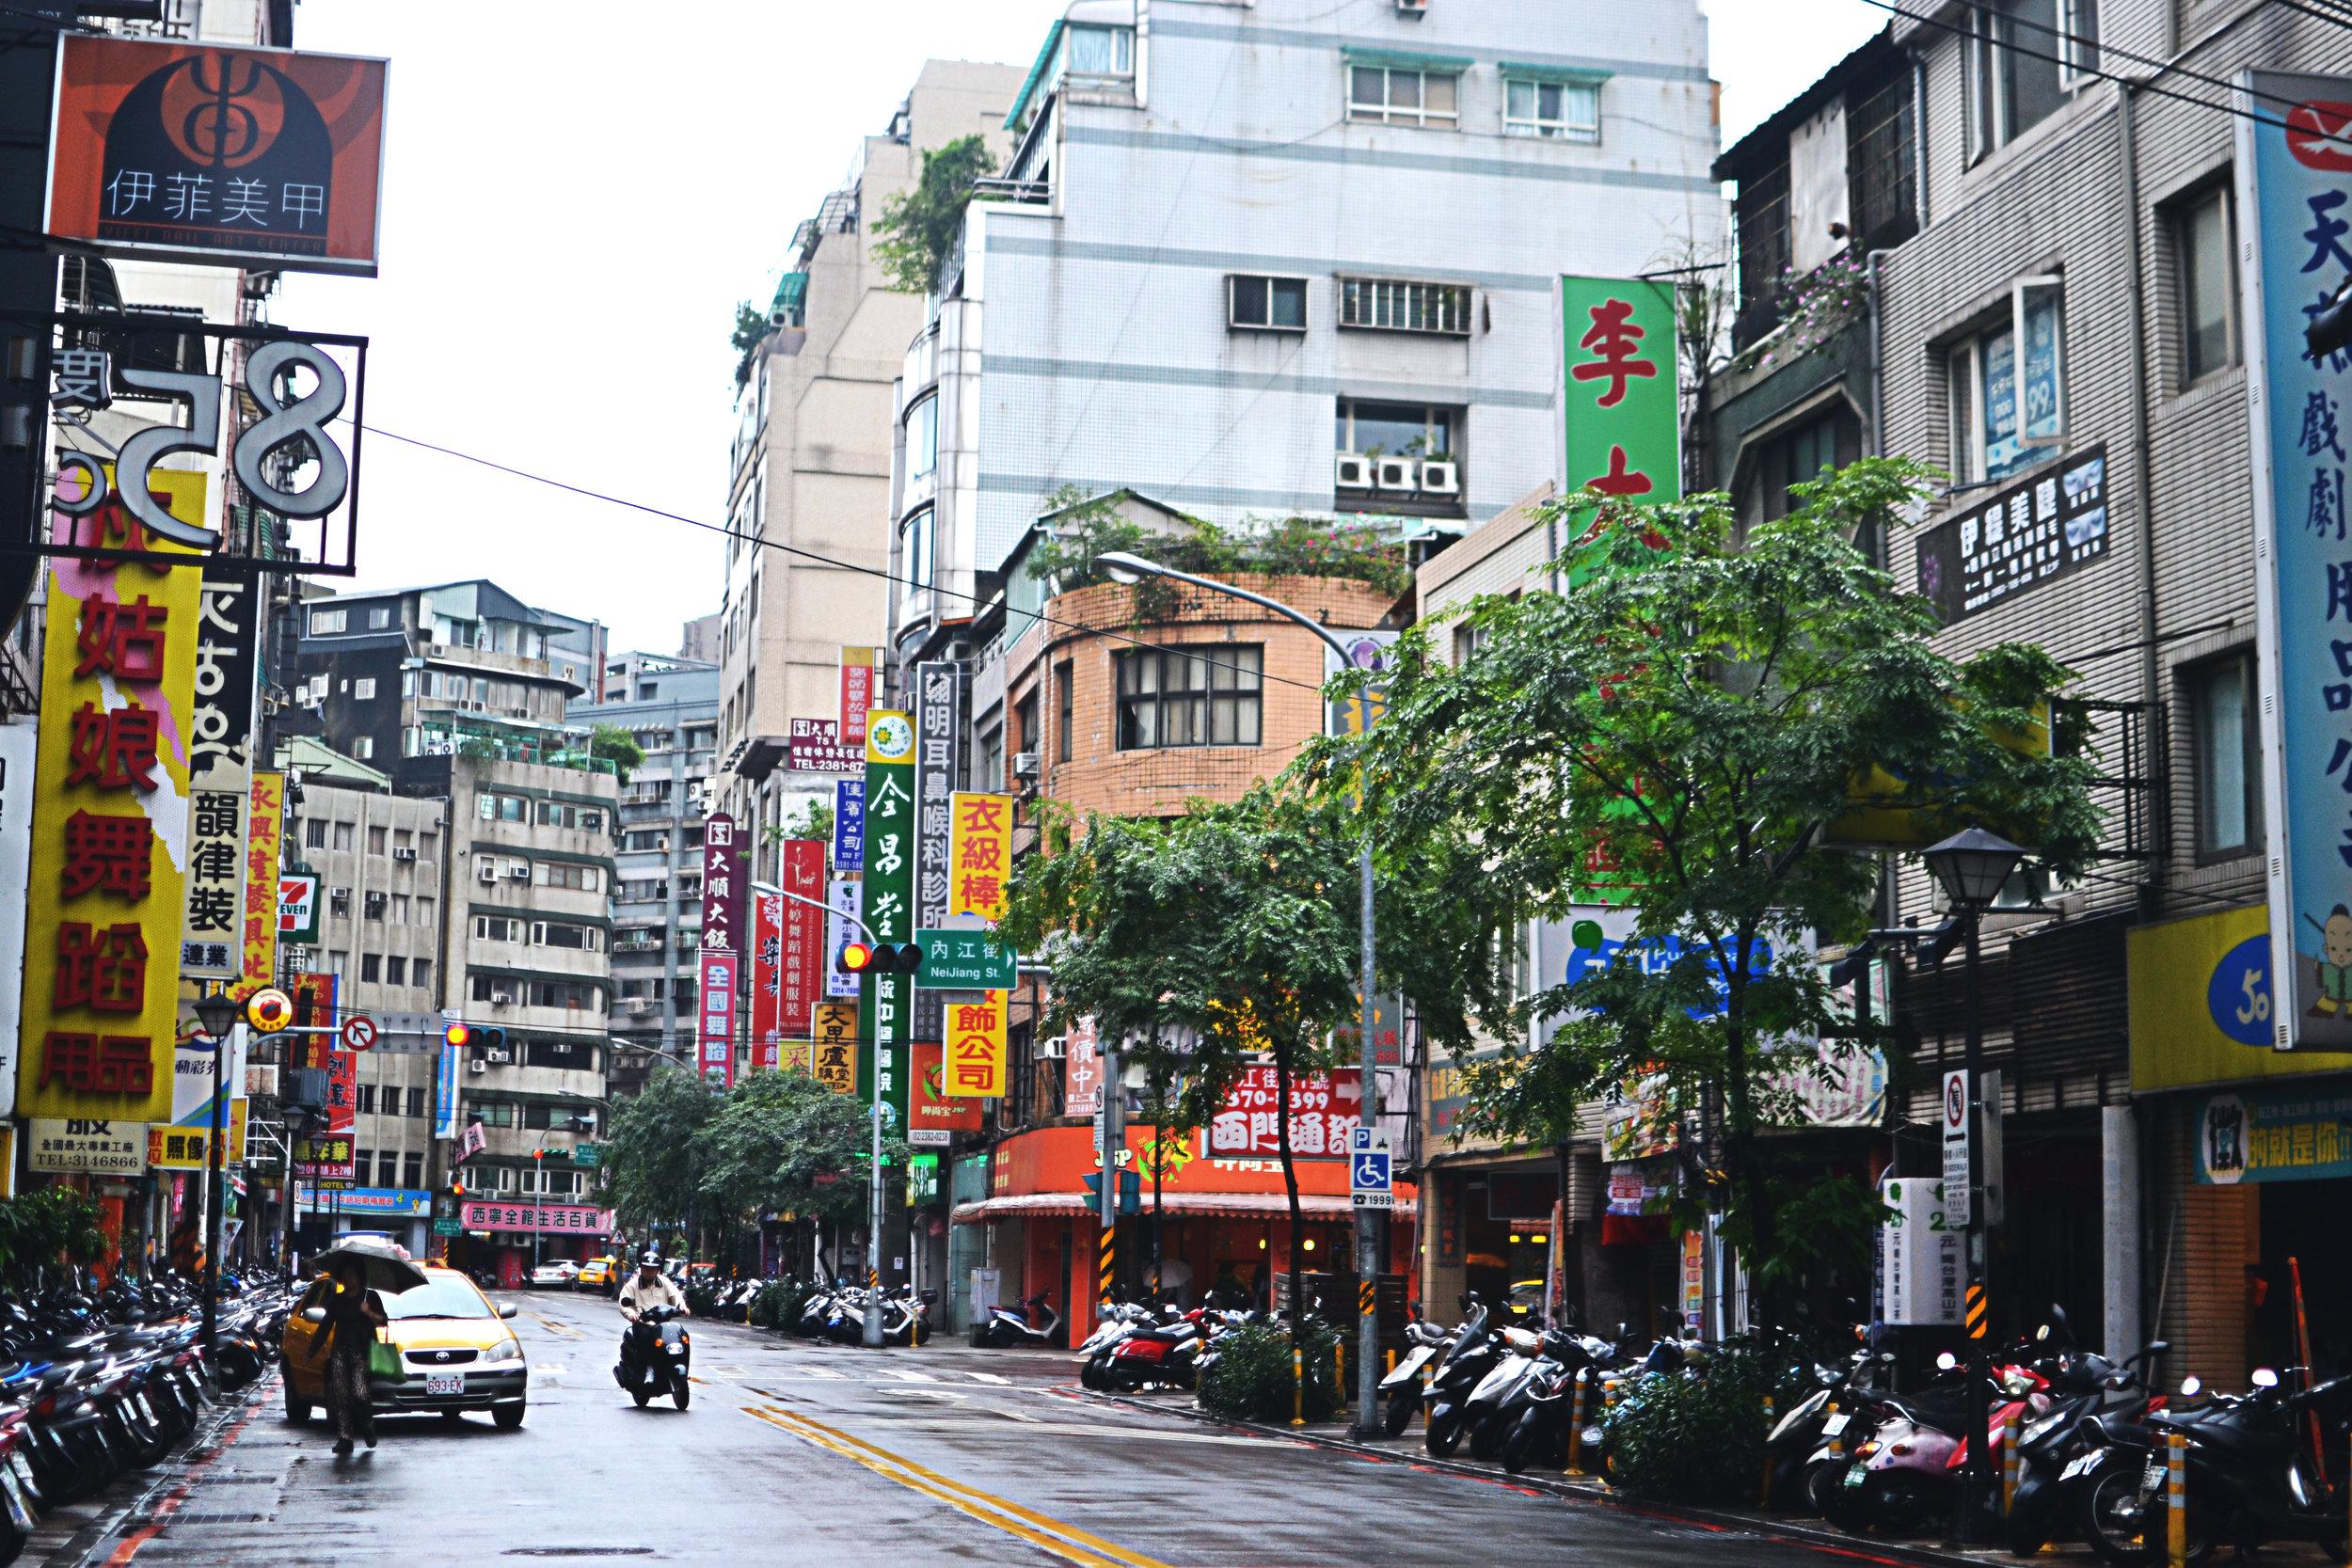 Streets of Taipei, Taiwan after rain